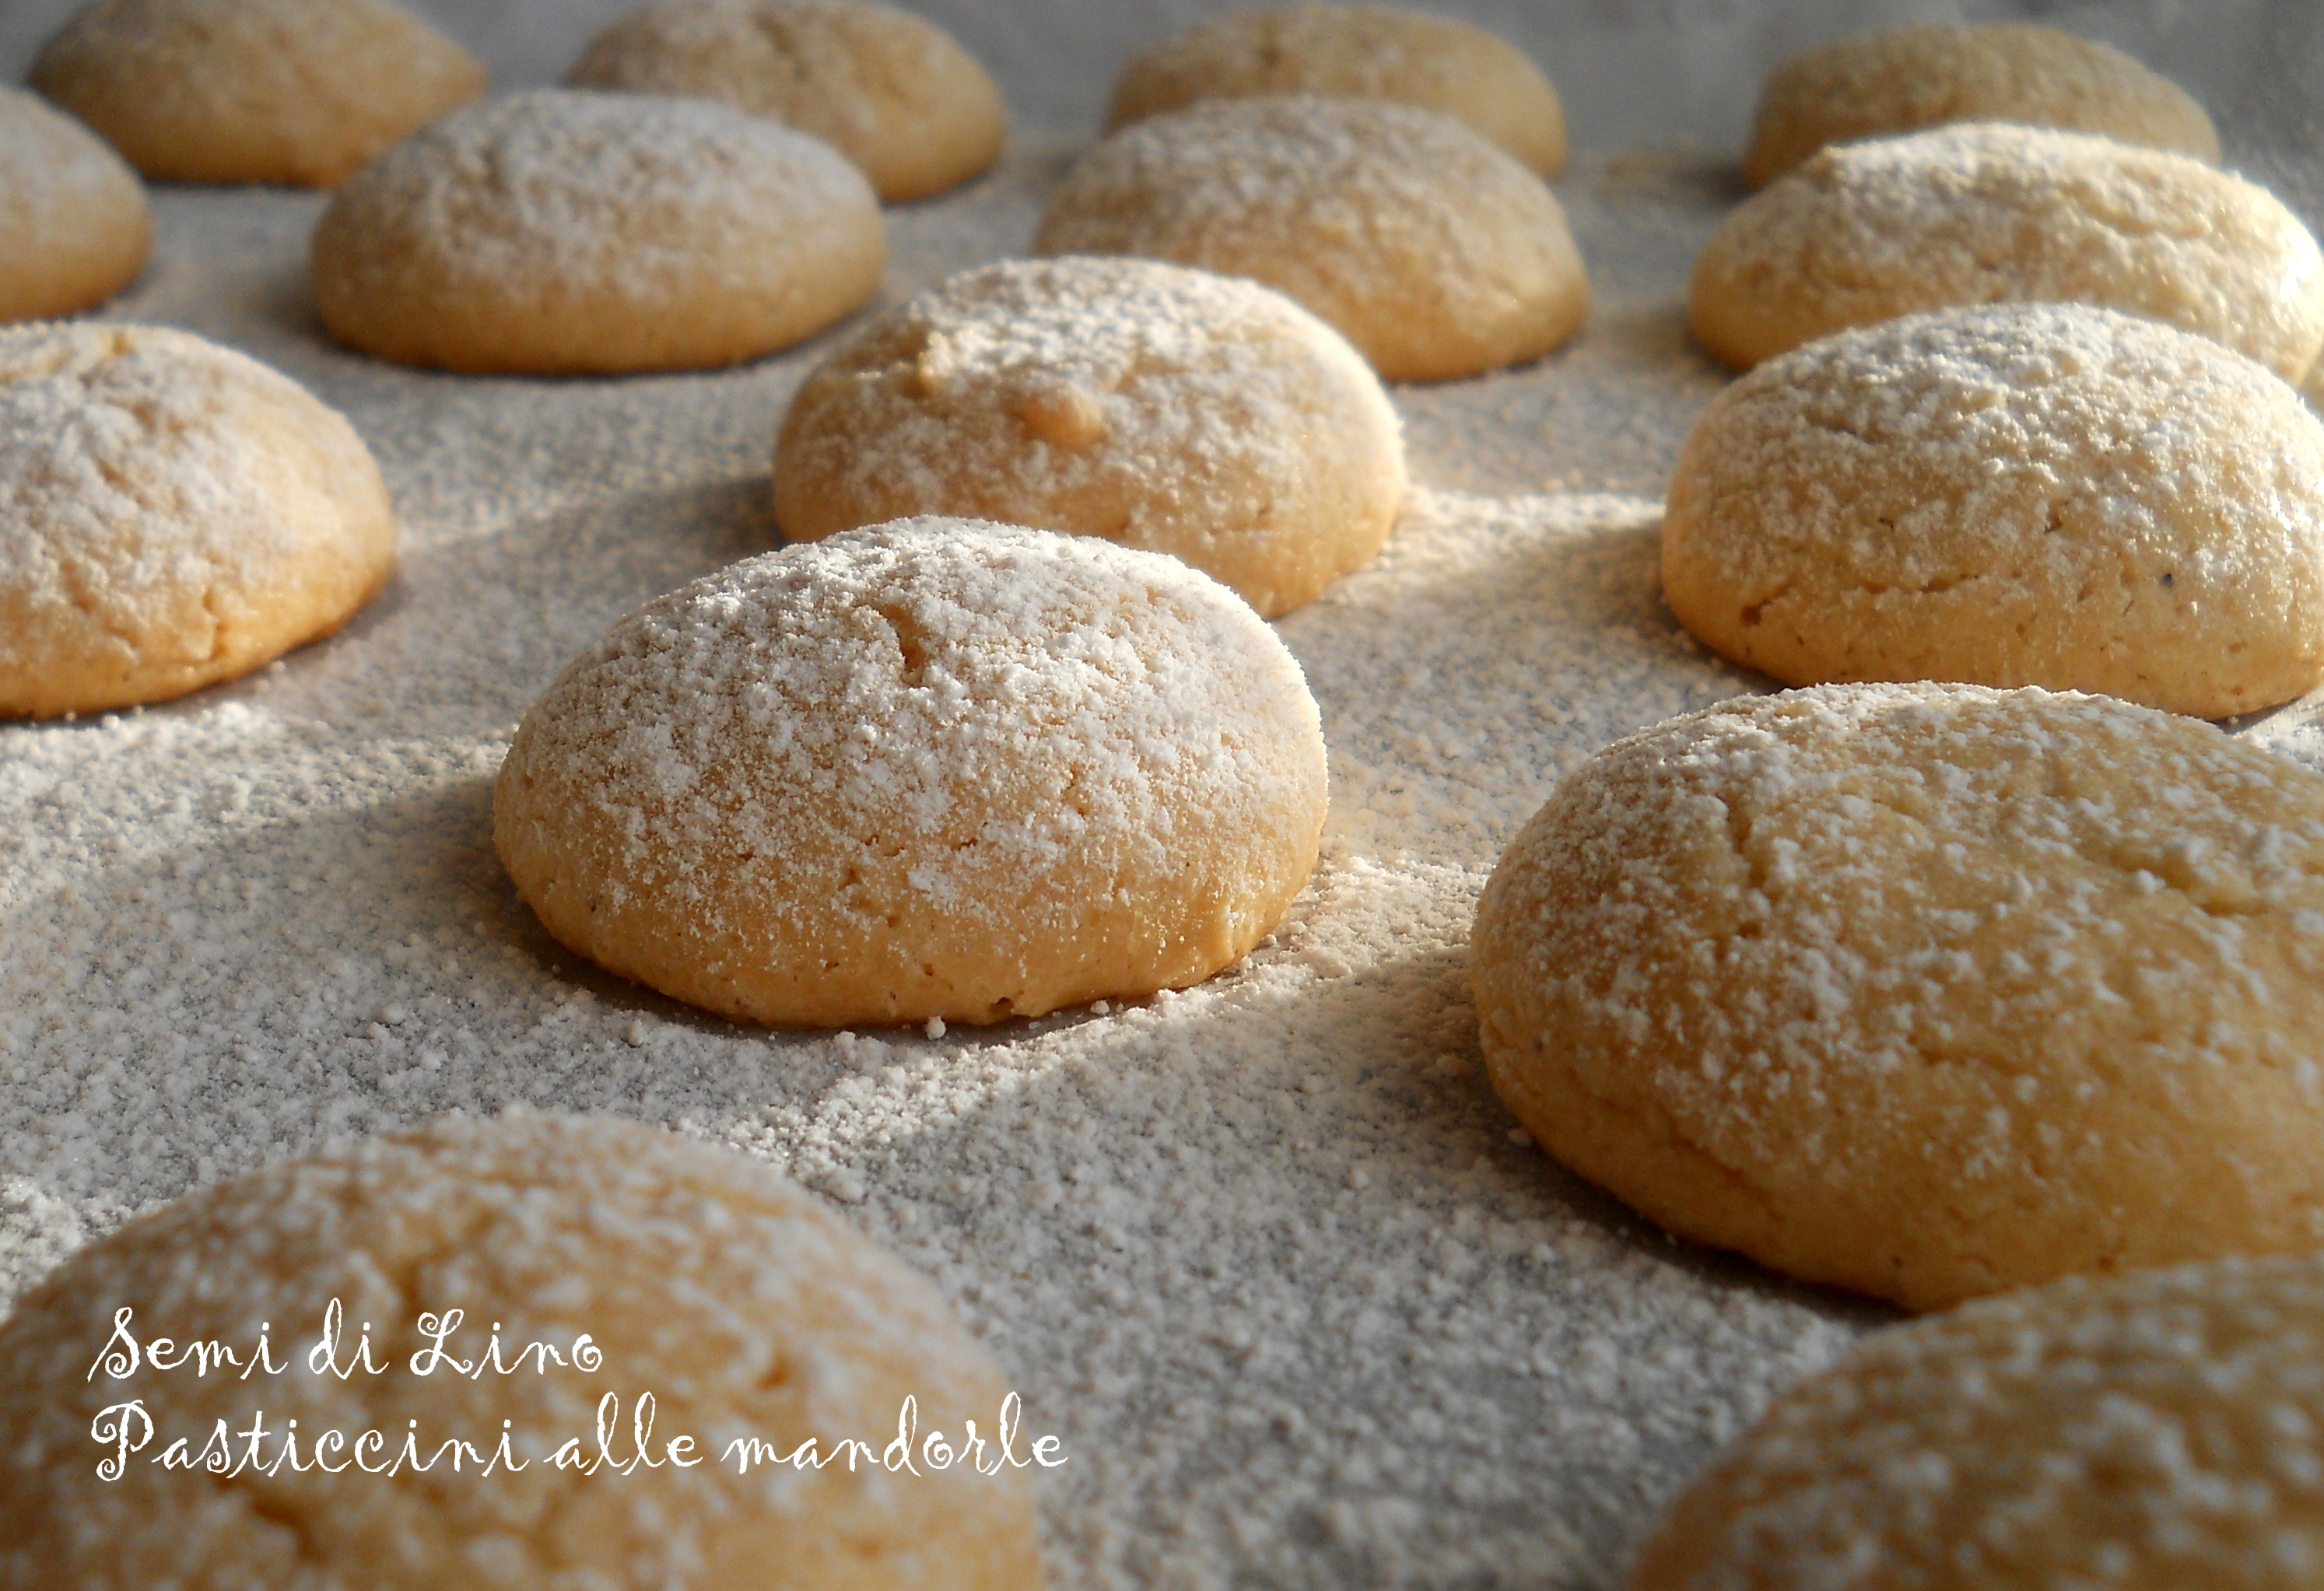 Semi di lino ricette dolci